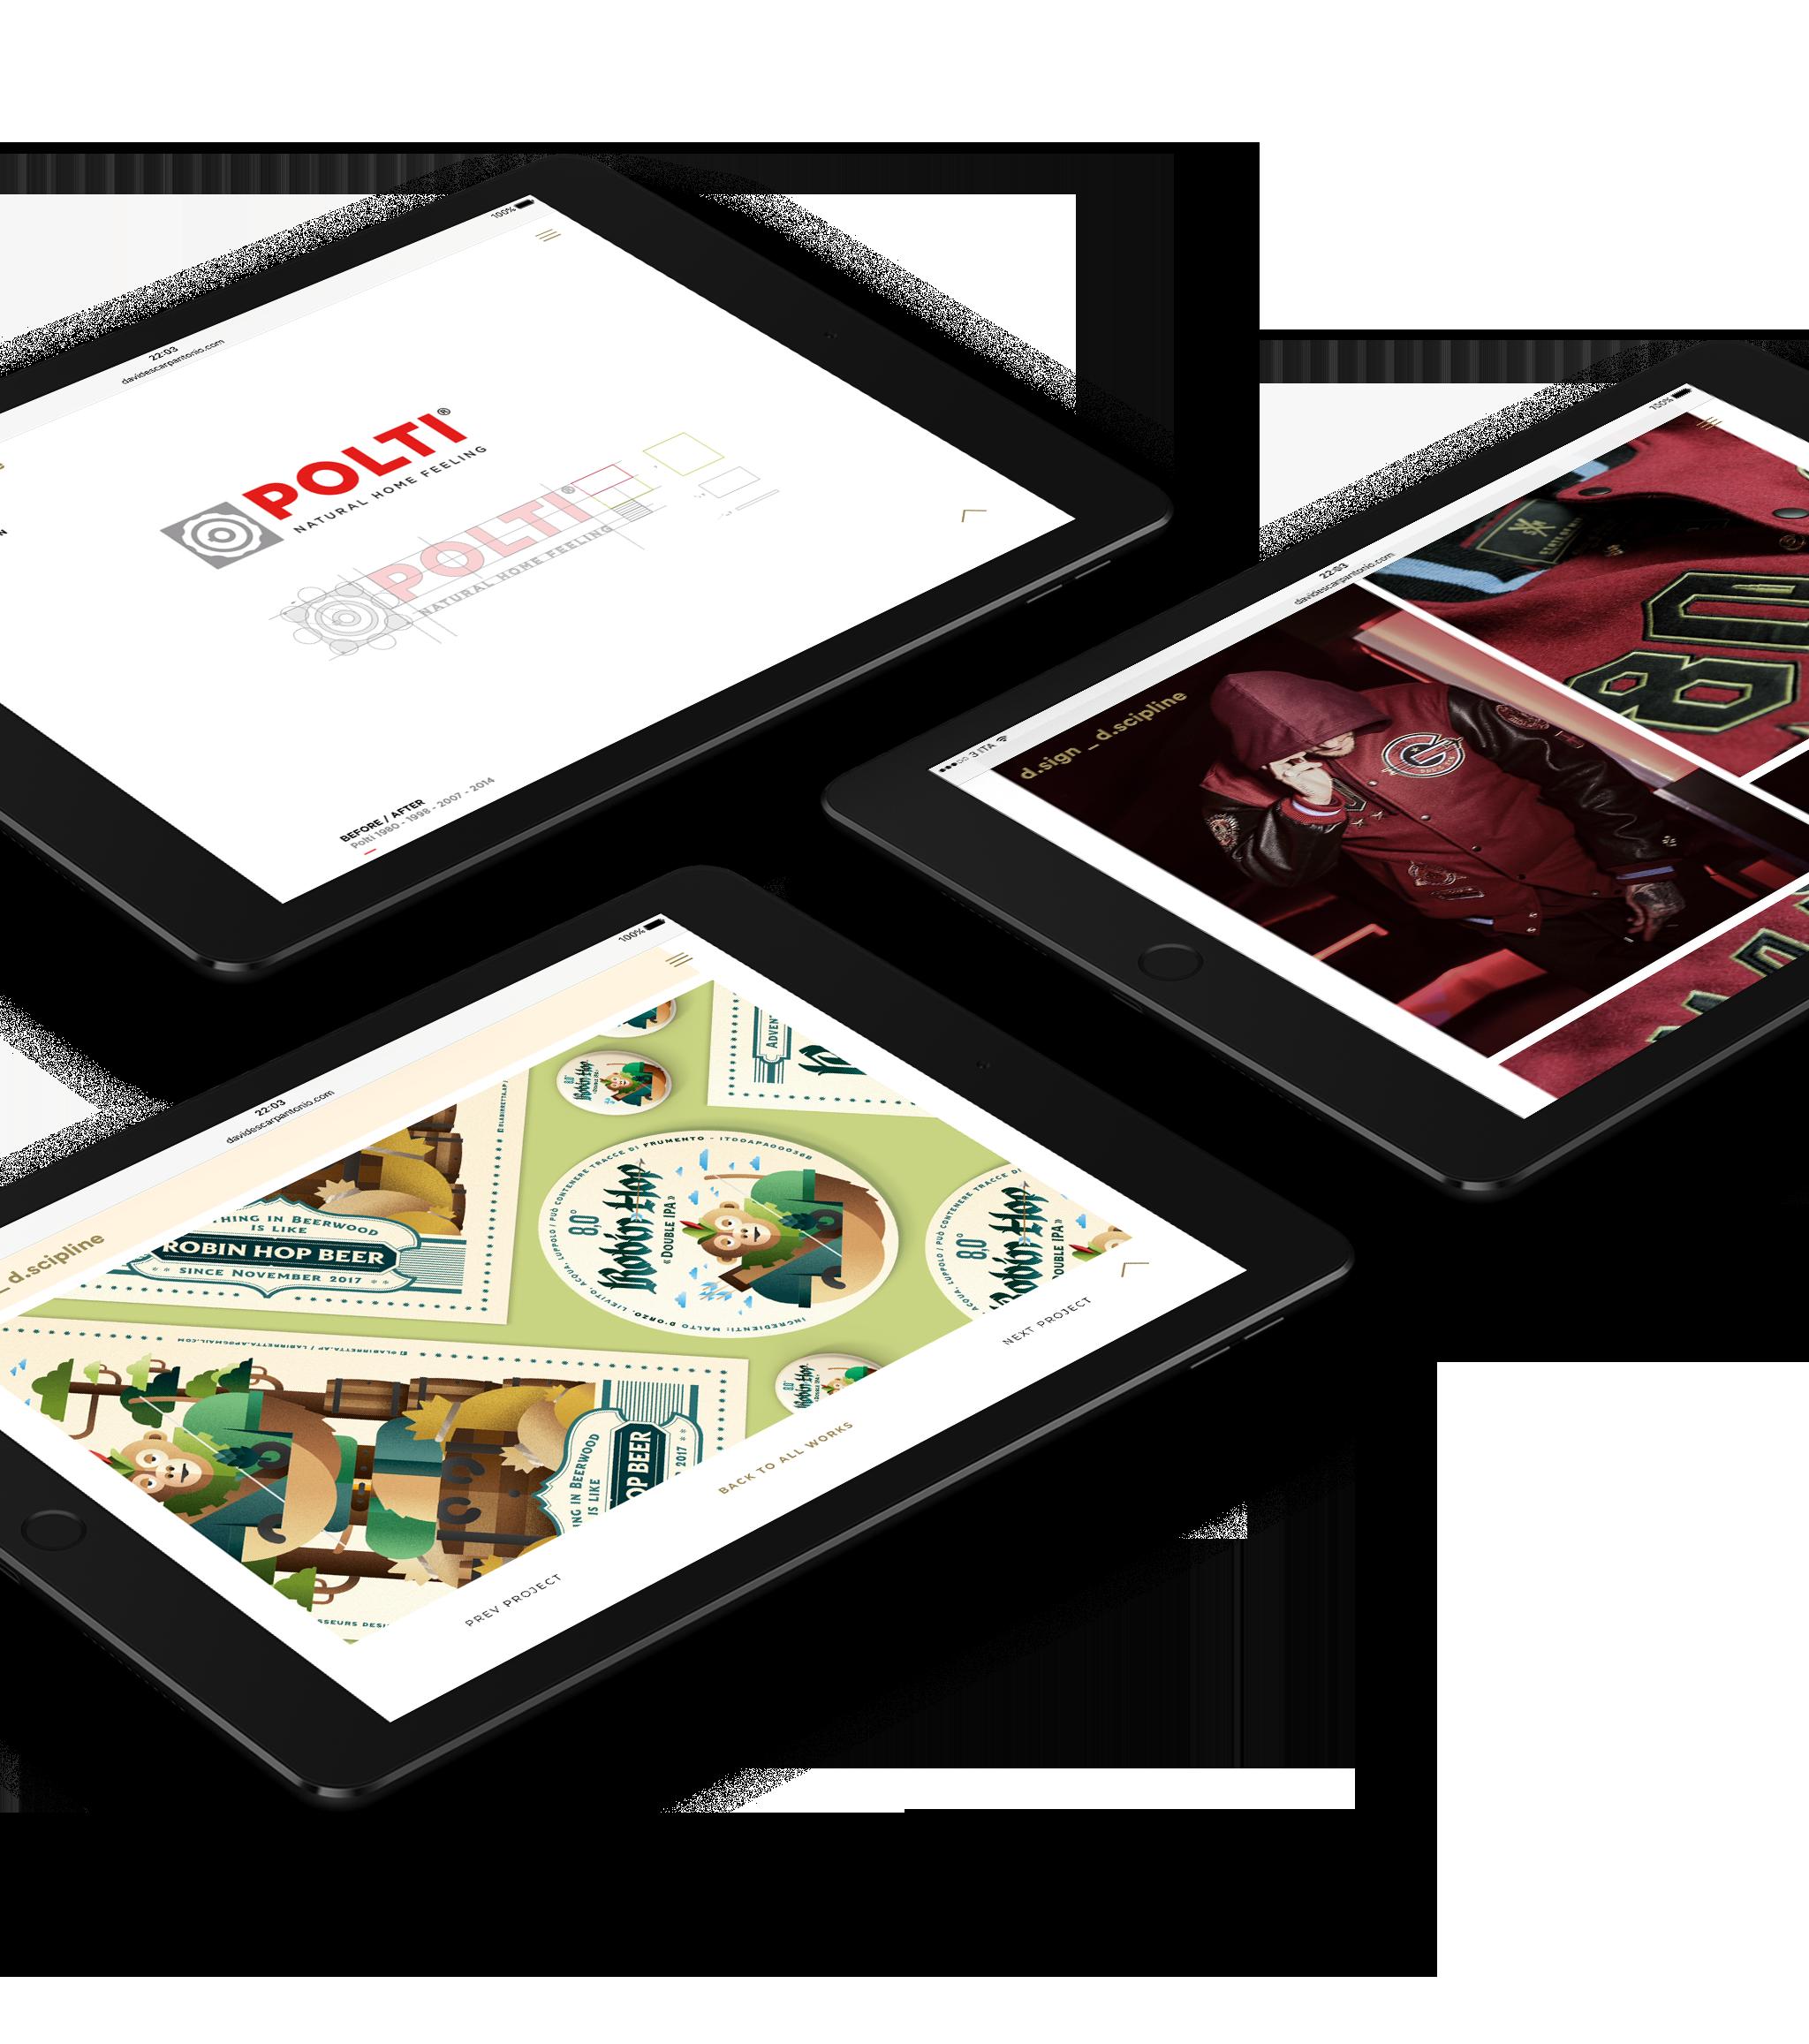 DSIGN-3_iPad